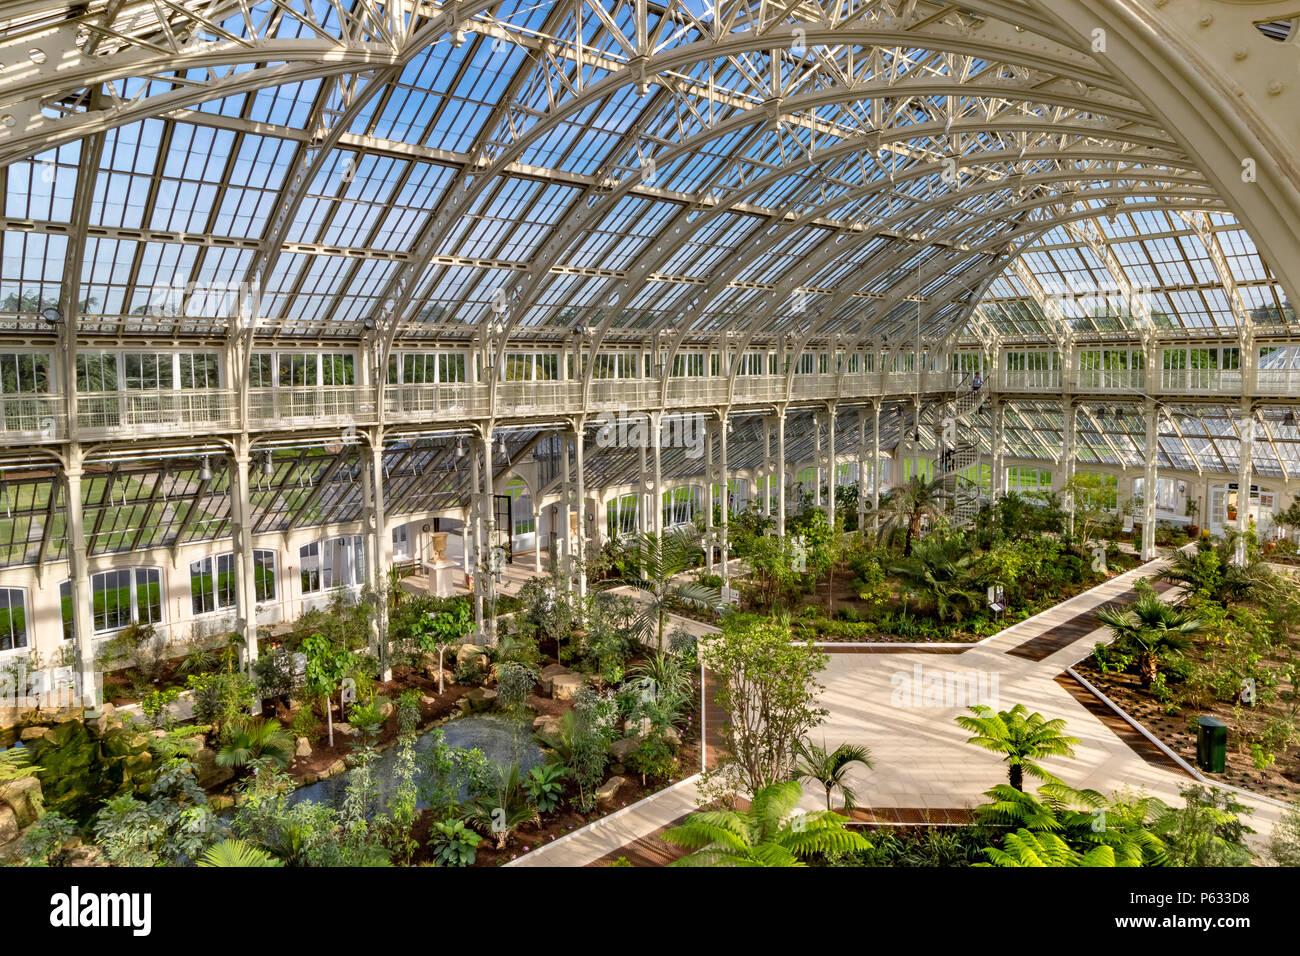 Dopo 5 anni di restauro, appena restaurato casa Temperate presso il Royal Botanic Gardens di Kew a Londra ha riaperto ai visitatori . Foto Stock